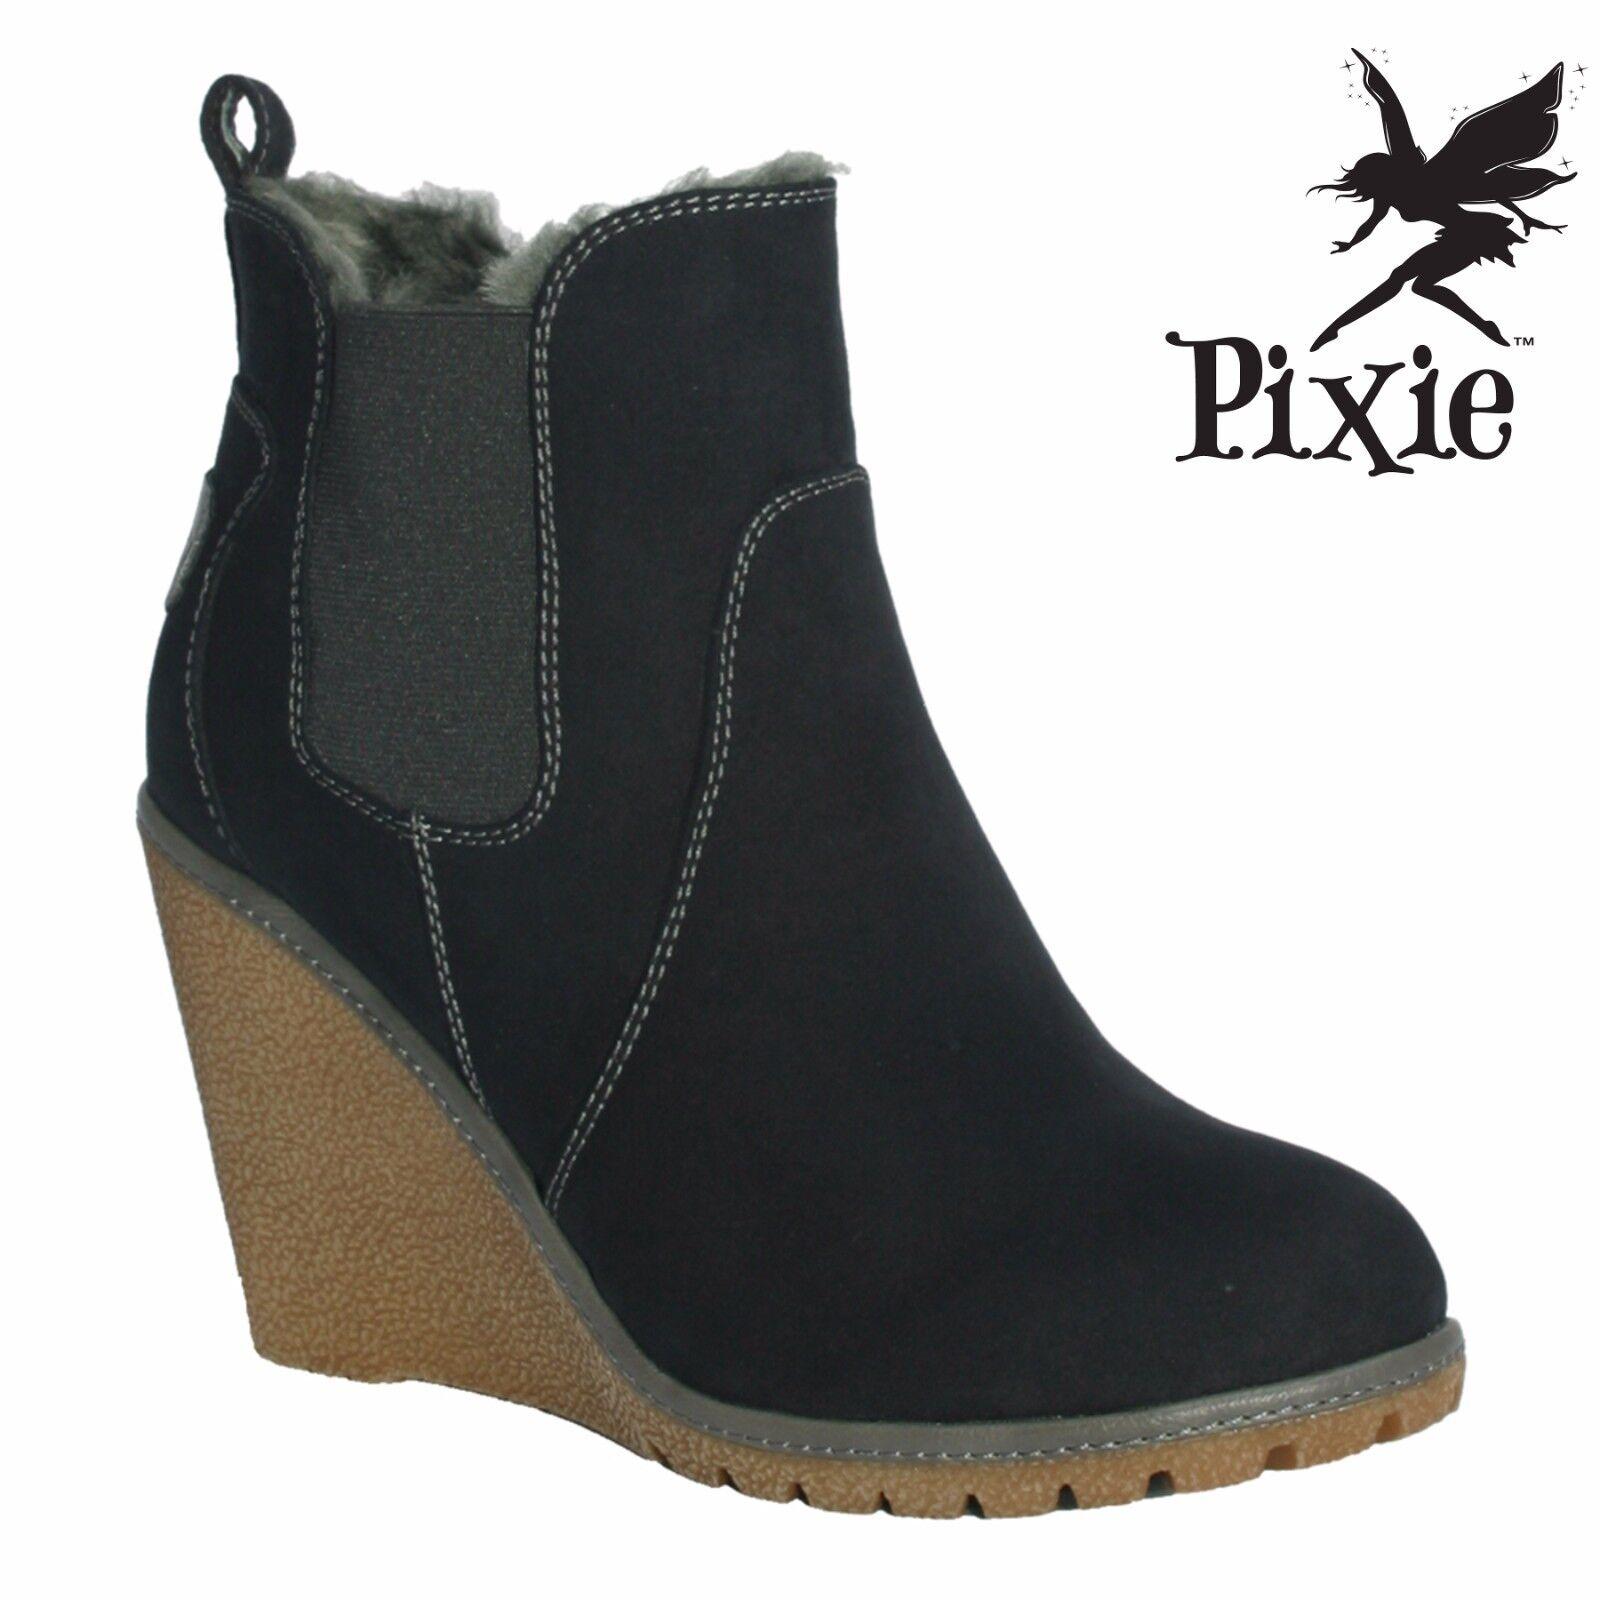 Pixie calzado Izzy Damas botas. UK UK UK Tamaños 3 - 8 Nuevo En Caja  Tu satisfacción es nuestro objetivo